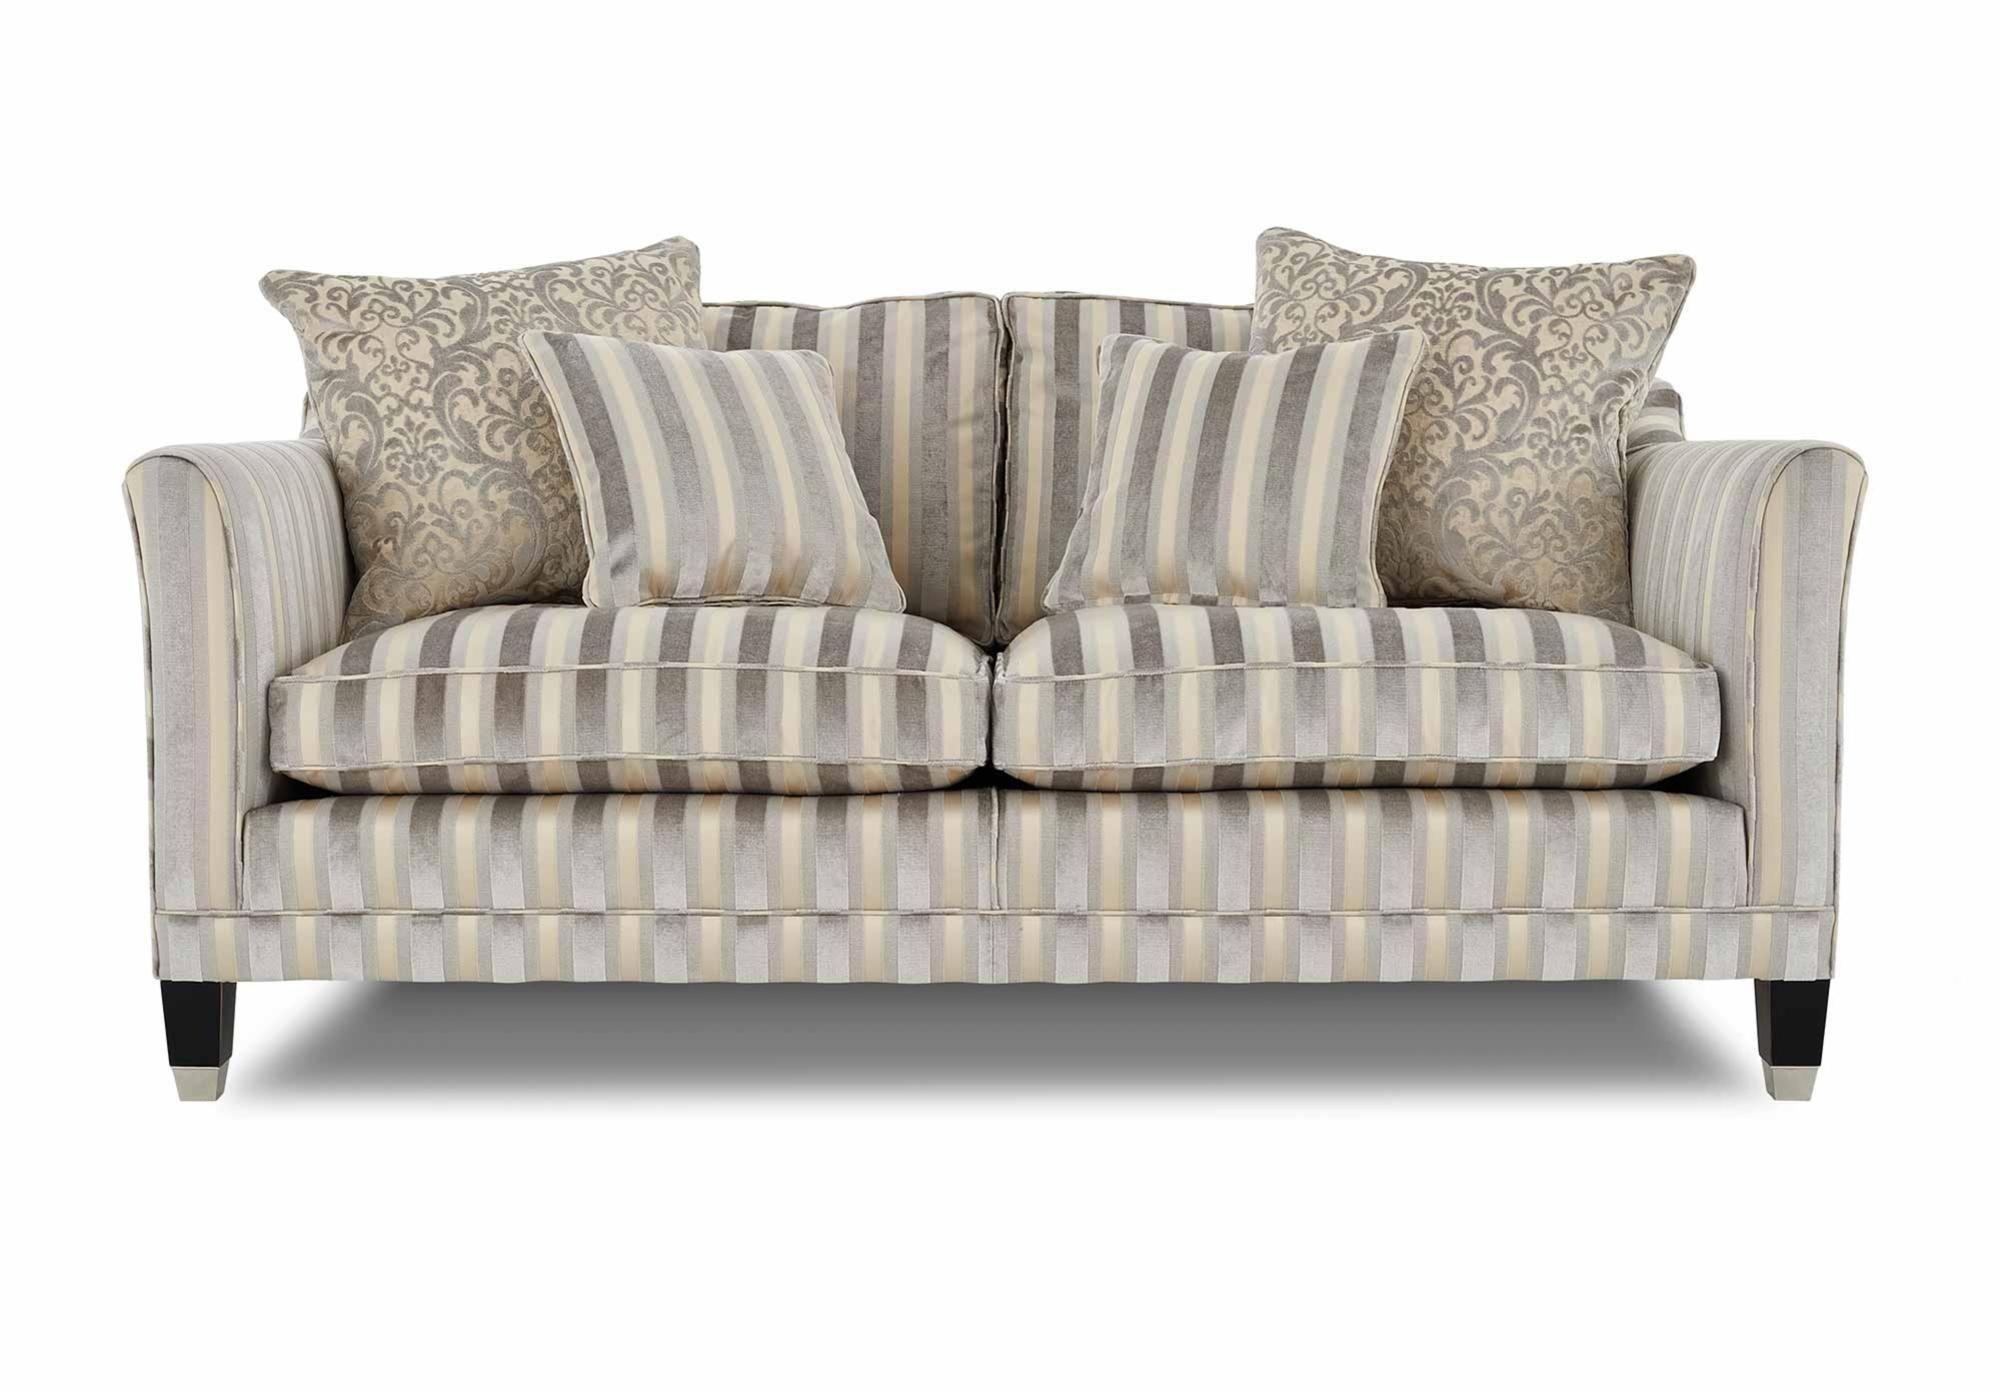 Chelsea Village 3 Seater Fabric Sofa Duresta £2395 Furniture